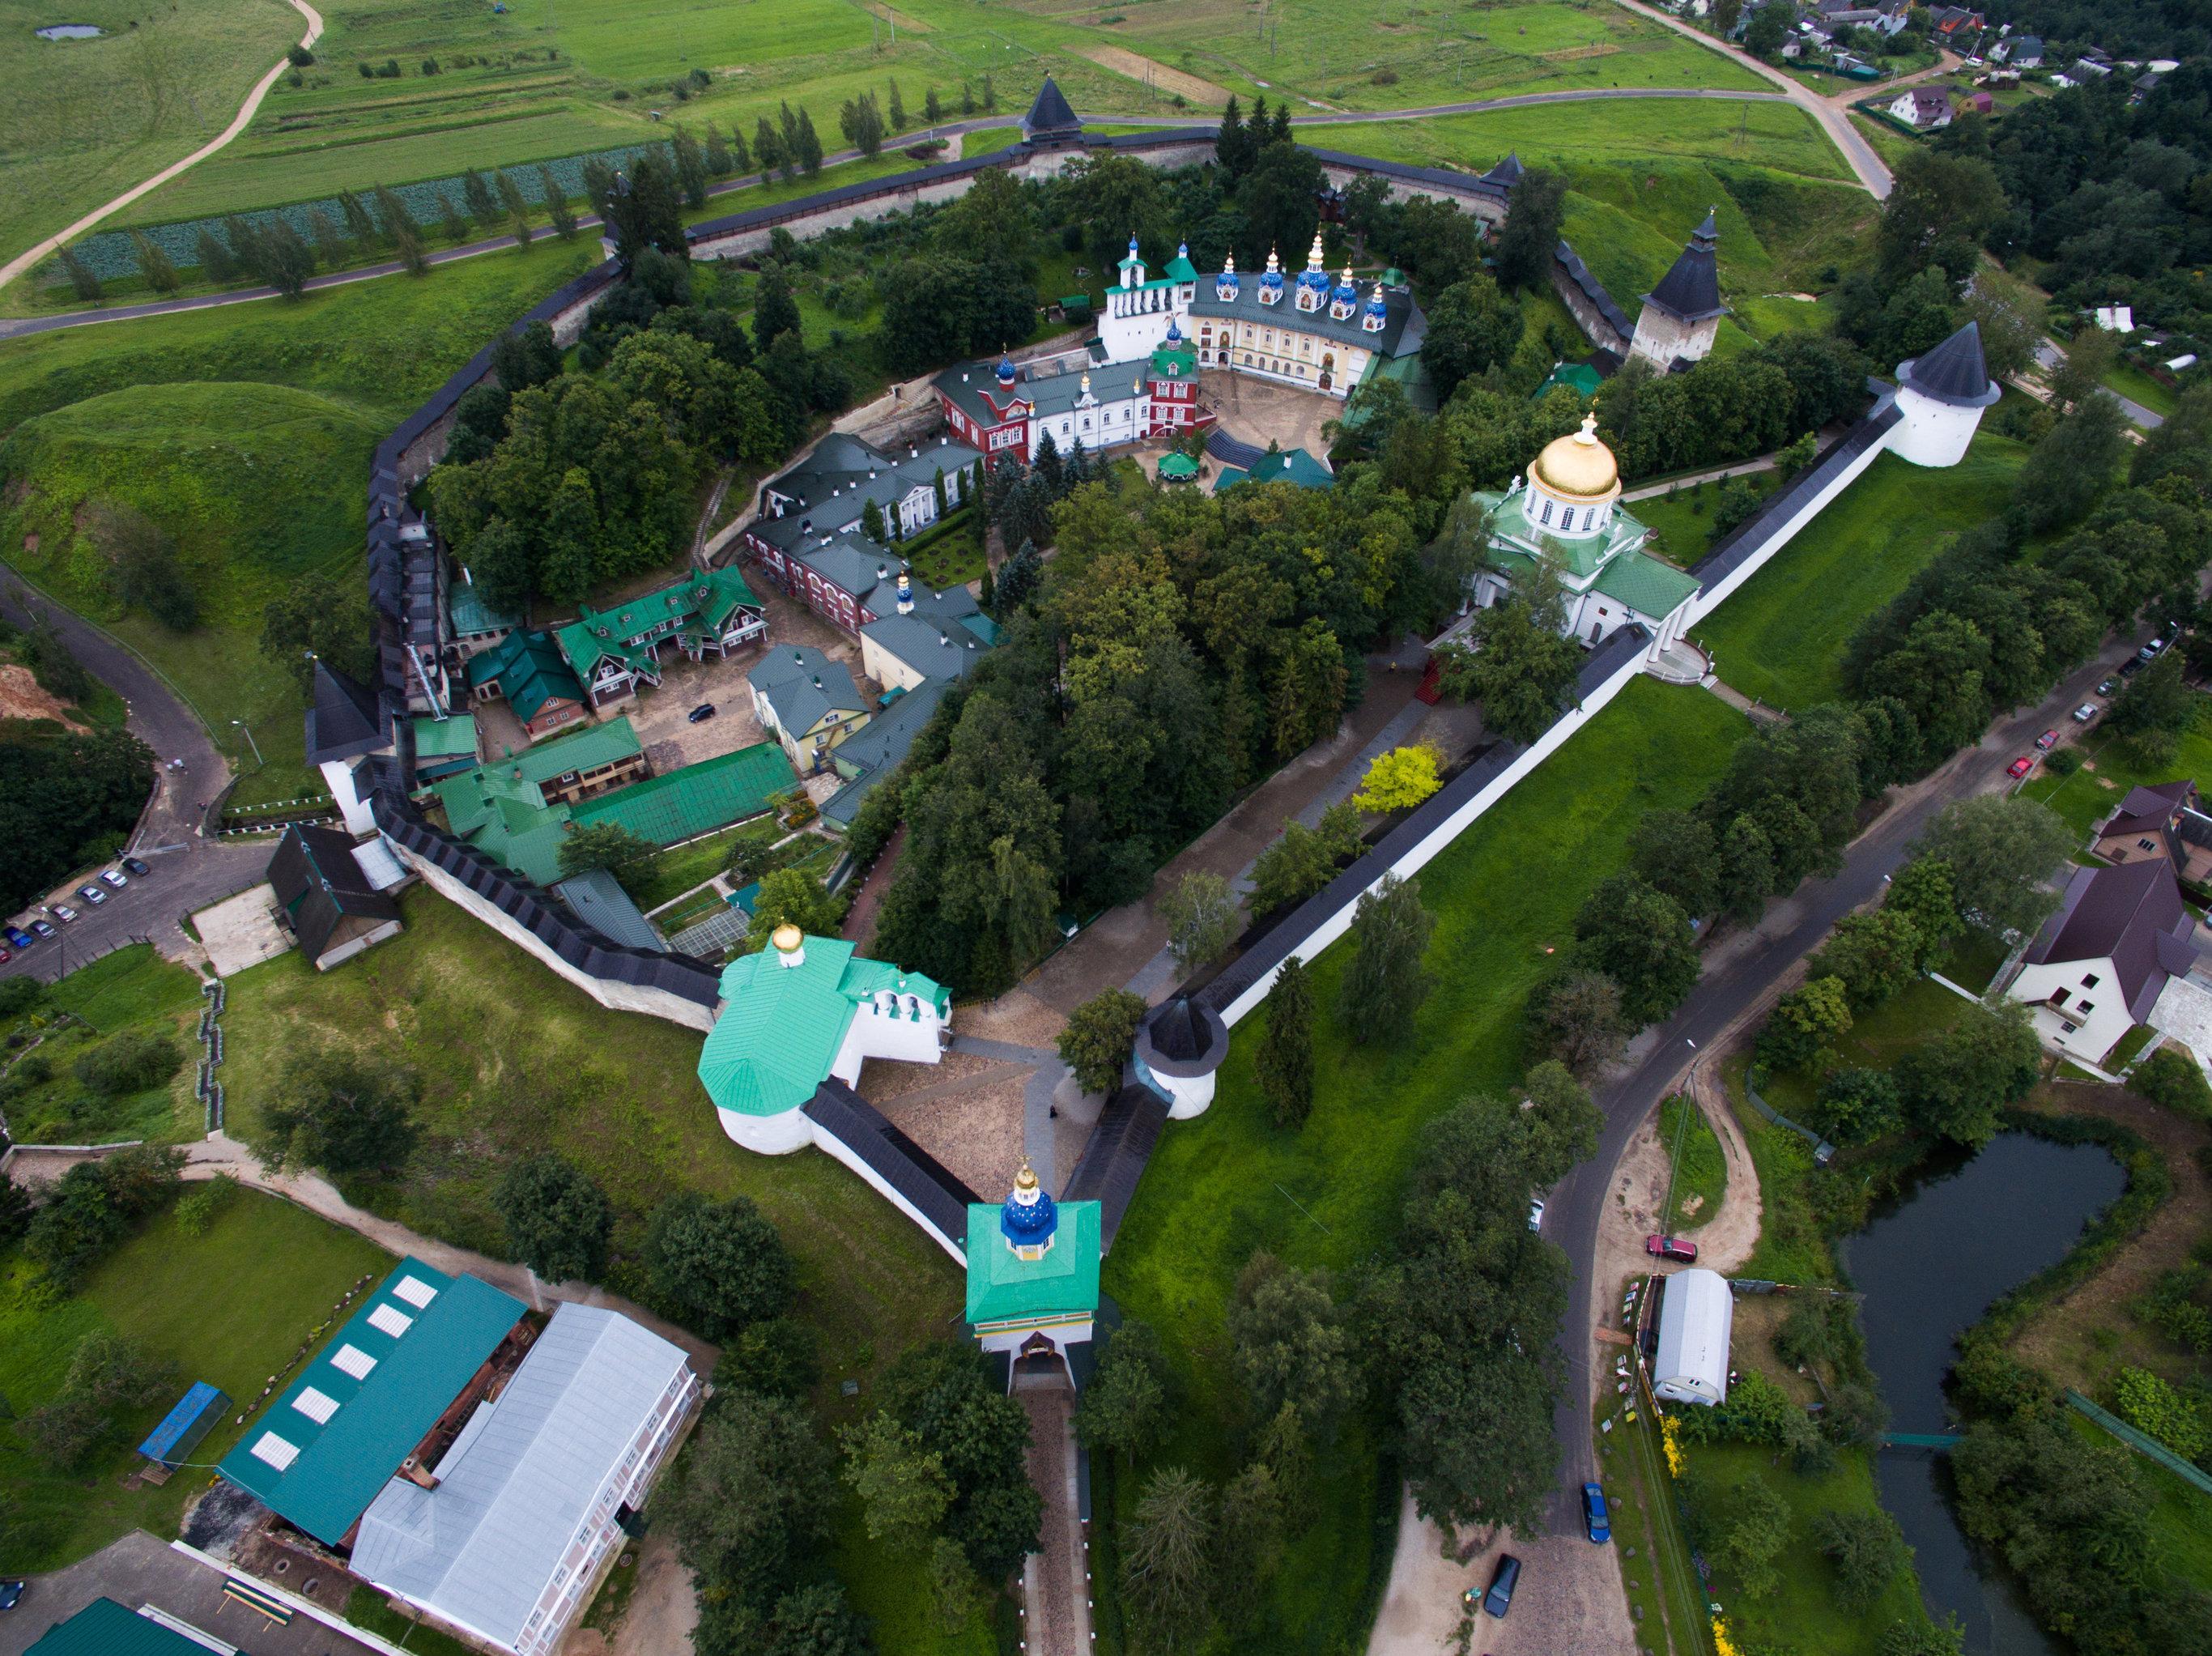 La vista de la ciudad de Pskov, Rusia